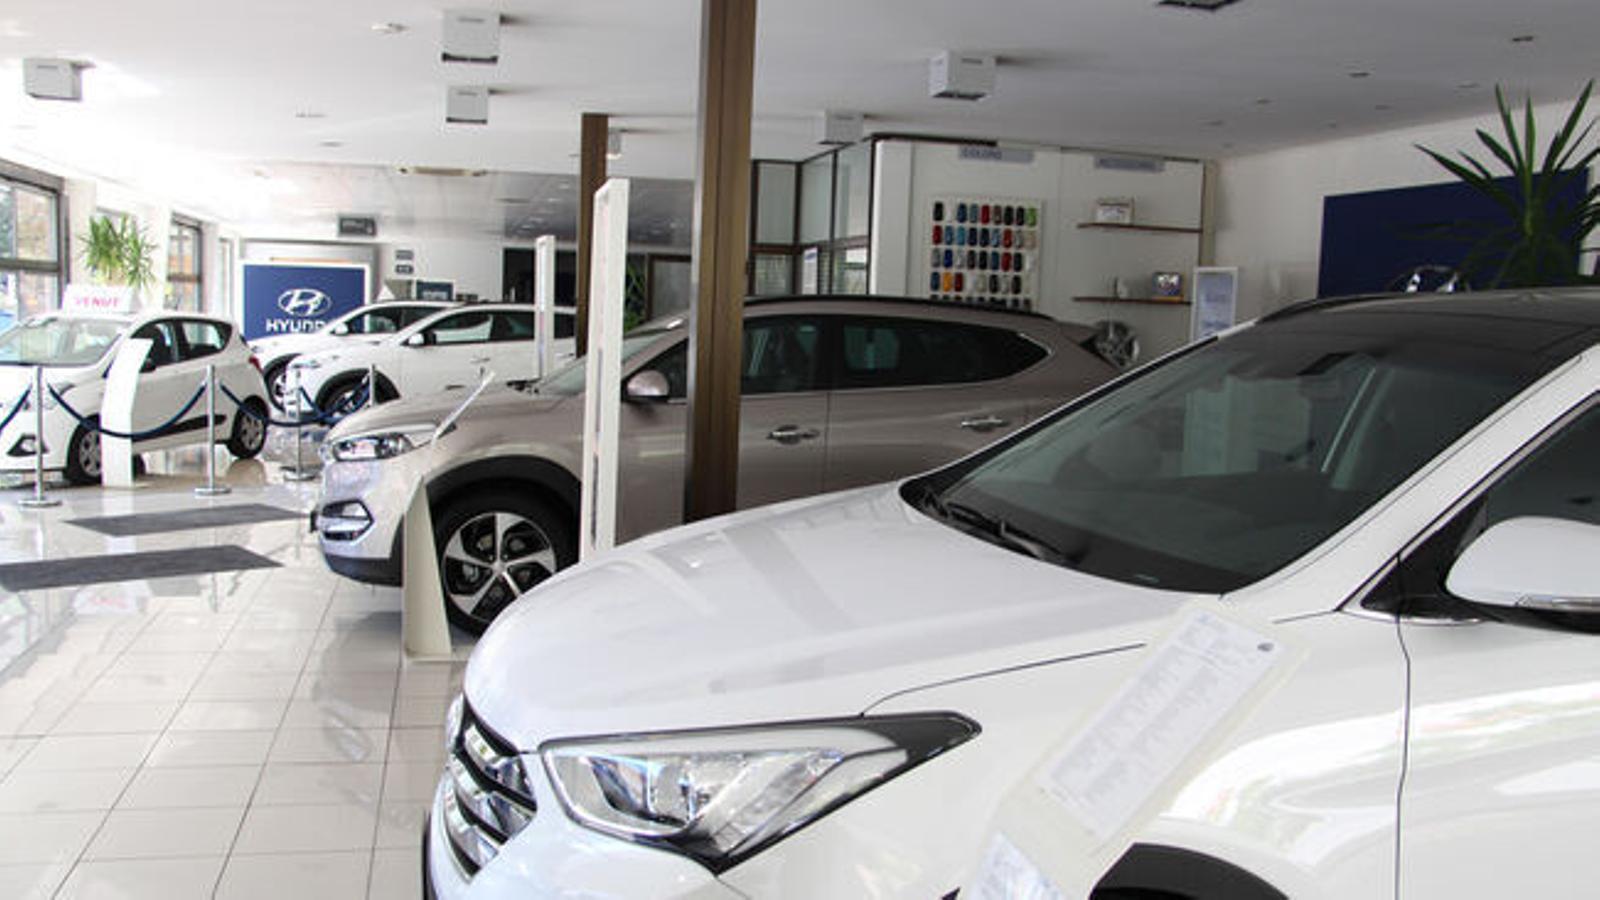 Vehicles exposats en un concessionari. / ARXIU ANA